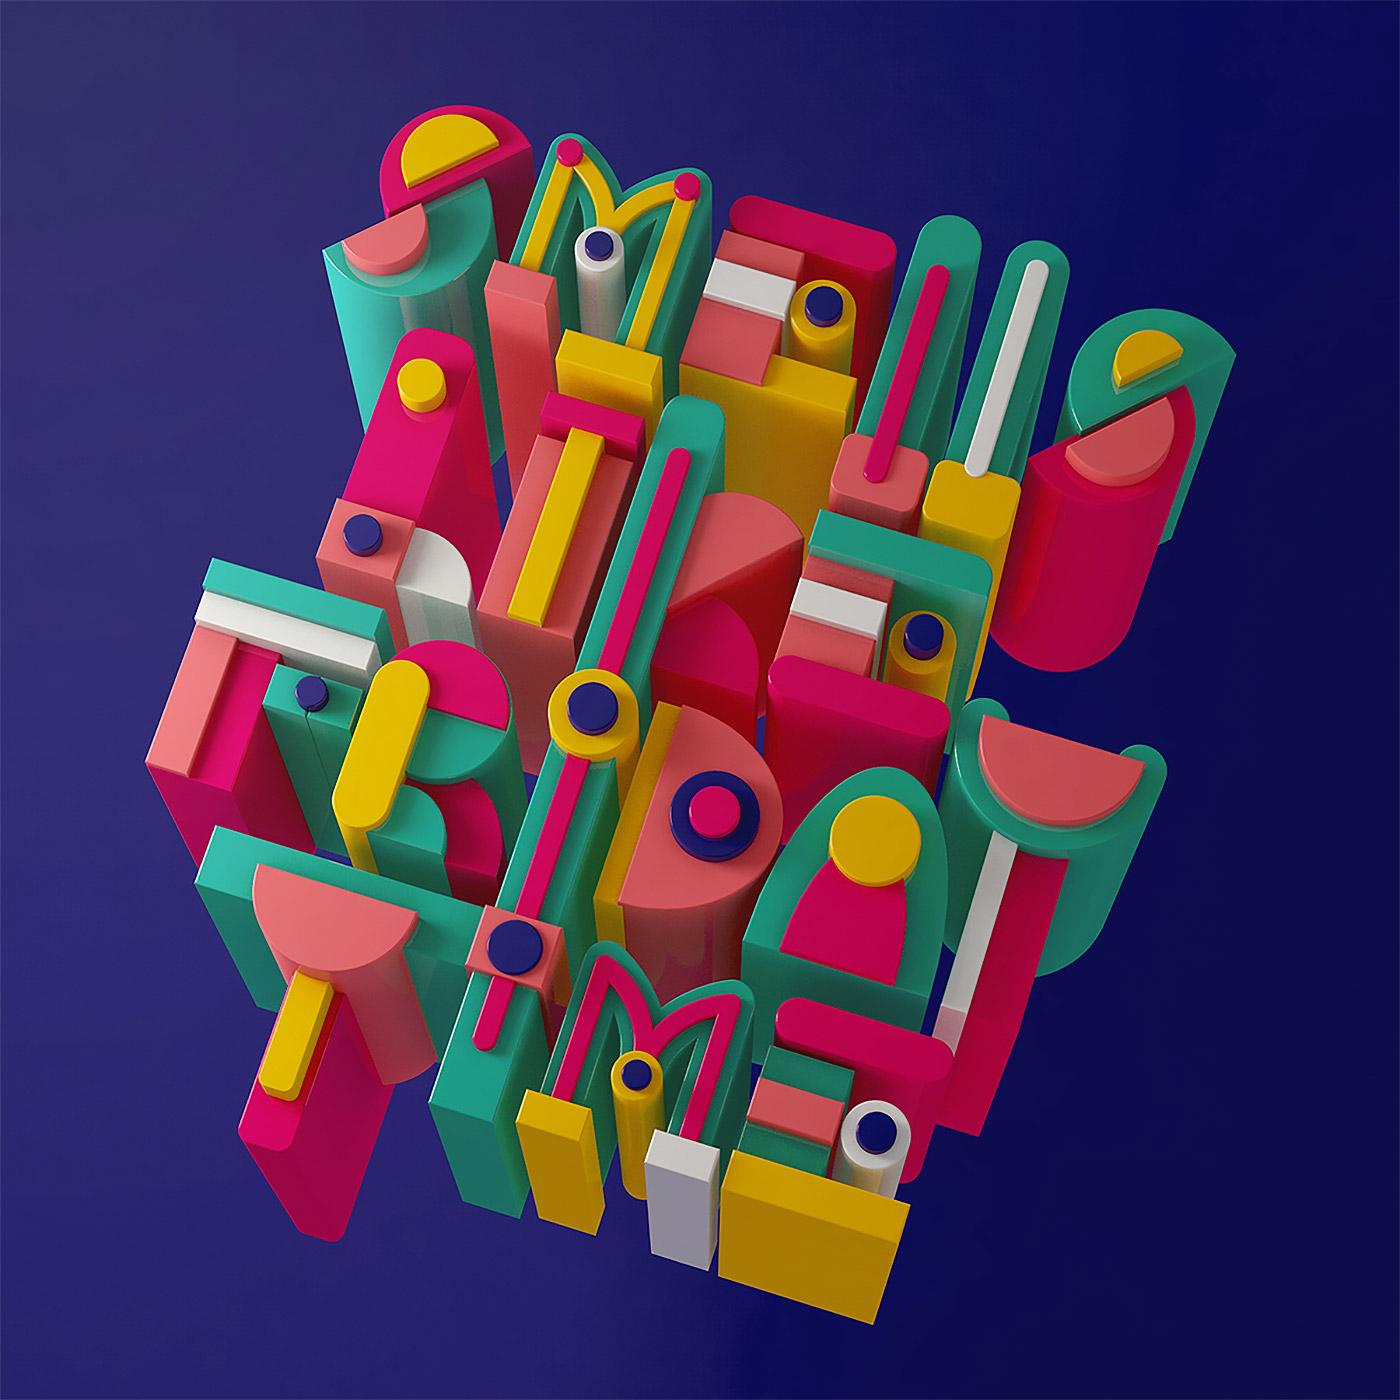 typography-carlo-cadenas-01.jpg